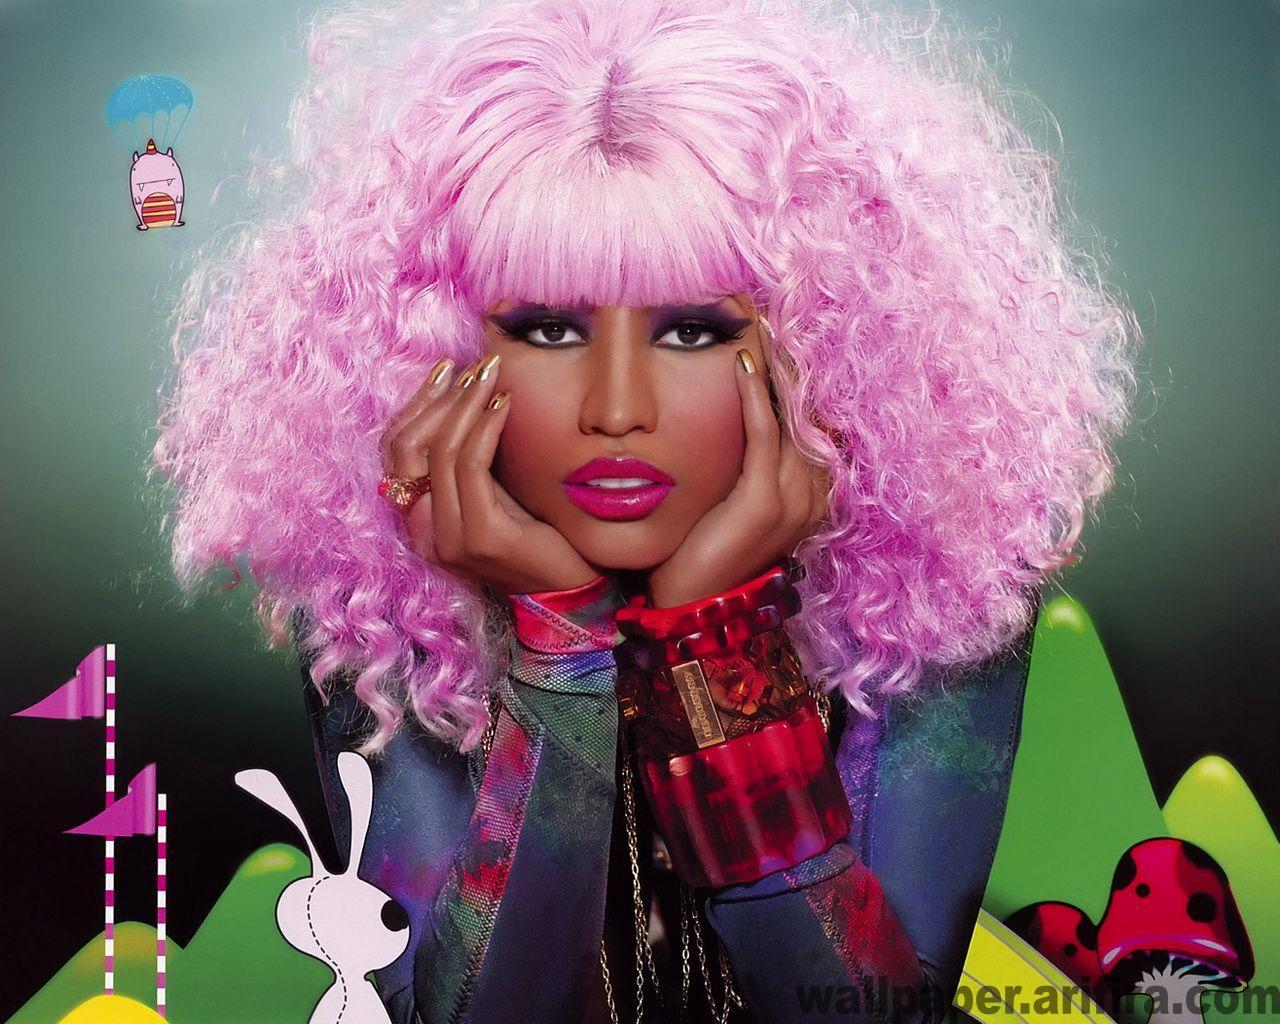 Nicki Minaj Wallpaper for BackgroundMusic Wallpapers 1280x1024